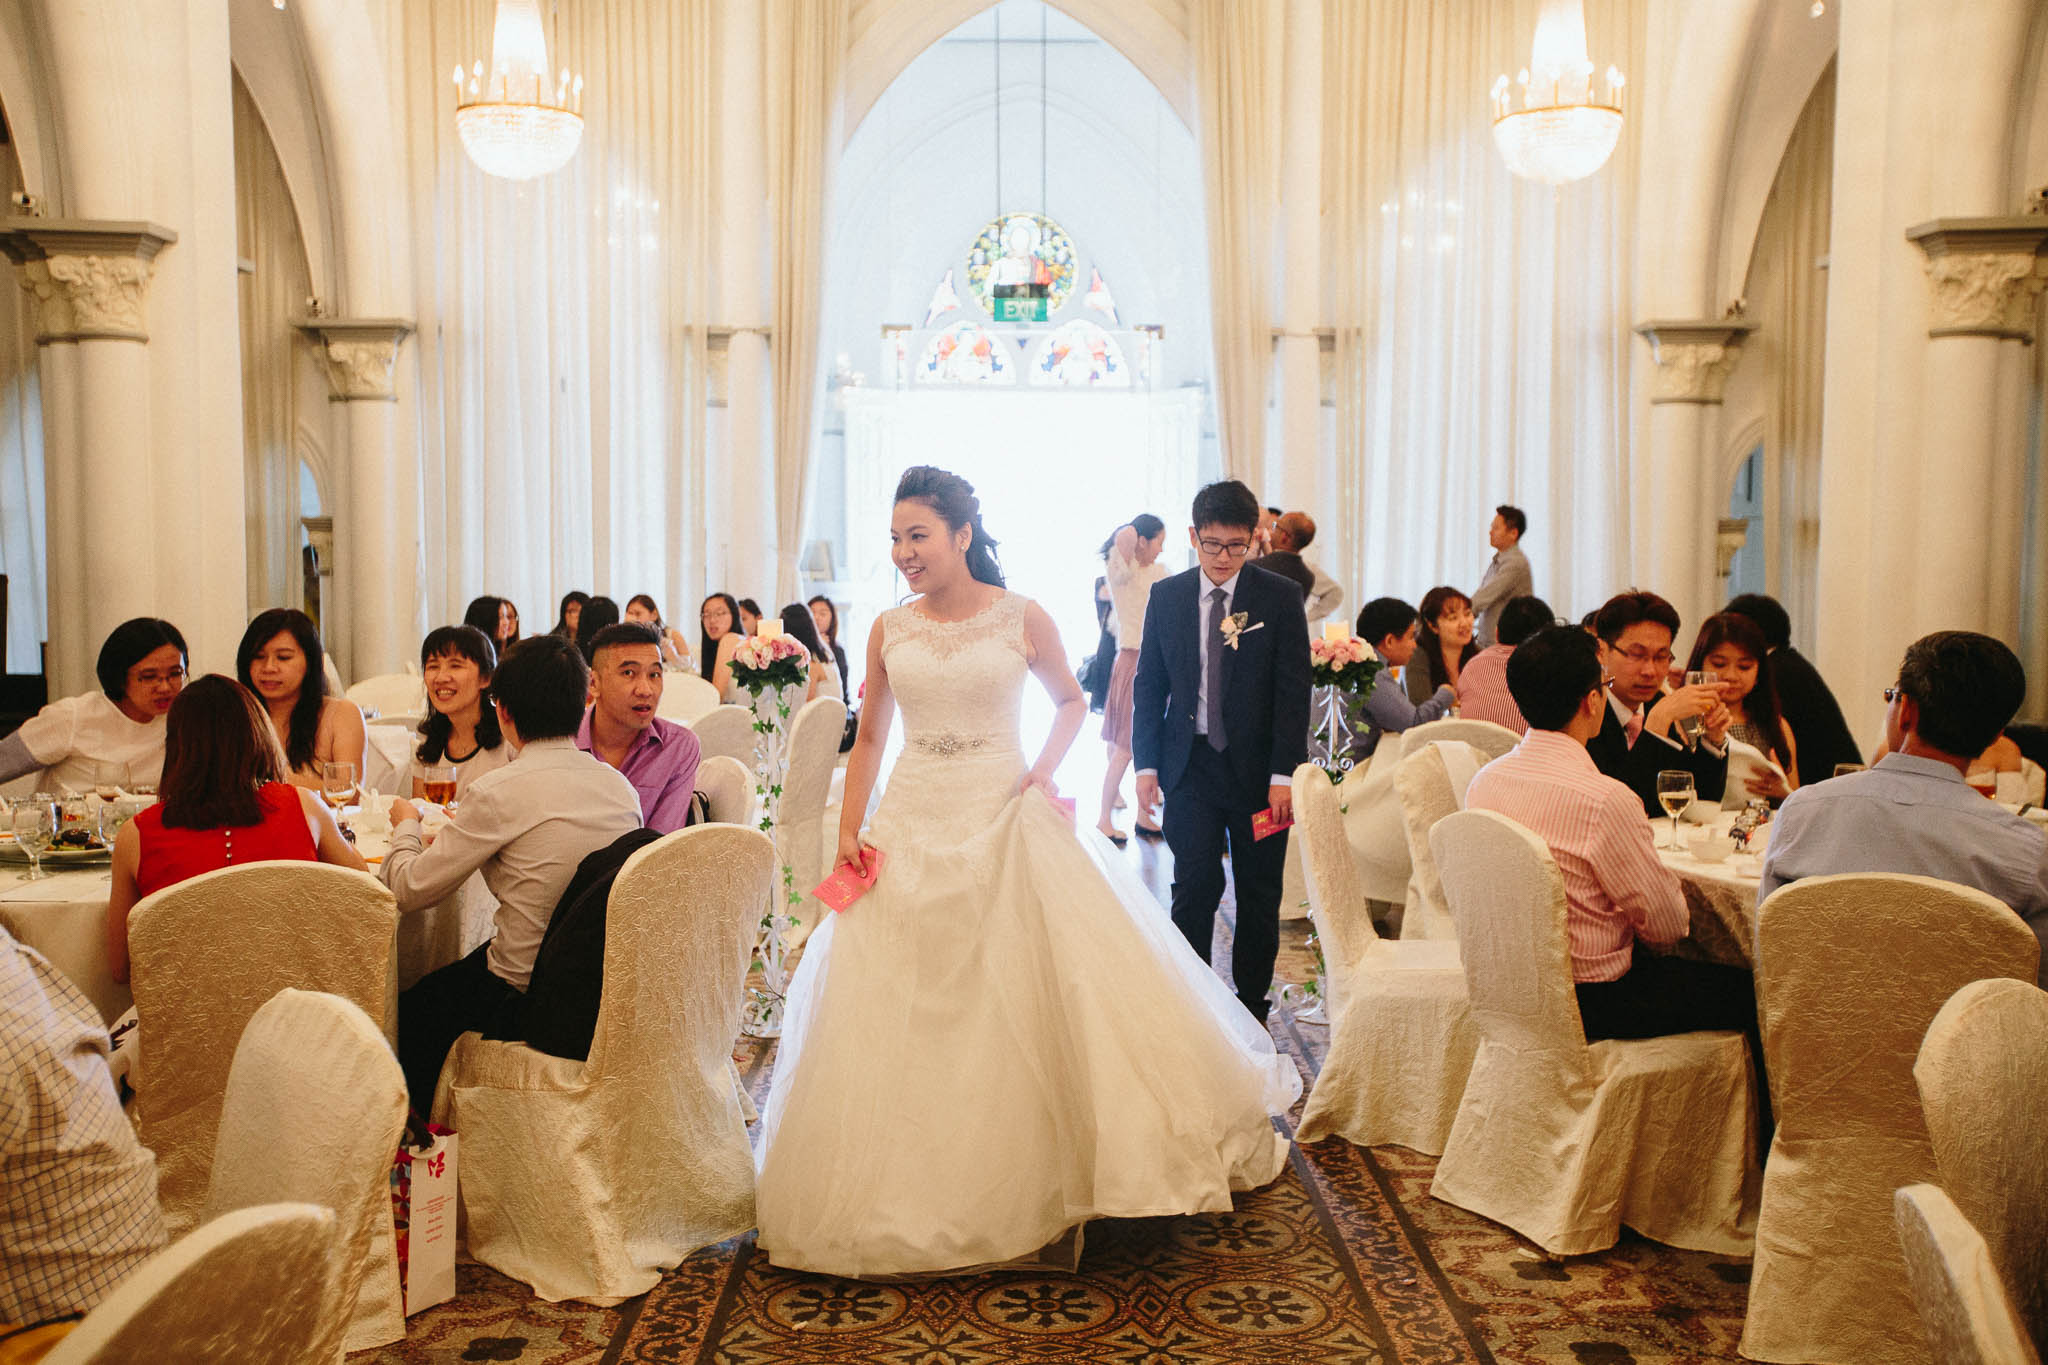 singapore-wedding-photographer-zhongwei-shihui-061.jpg